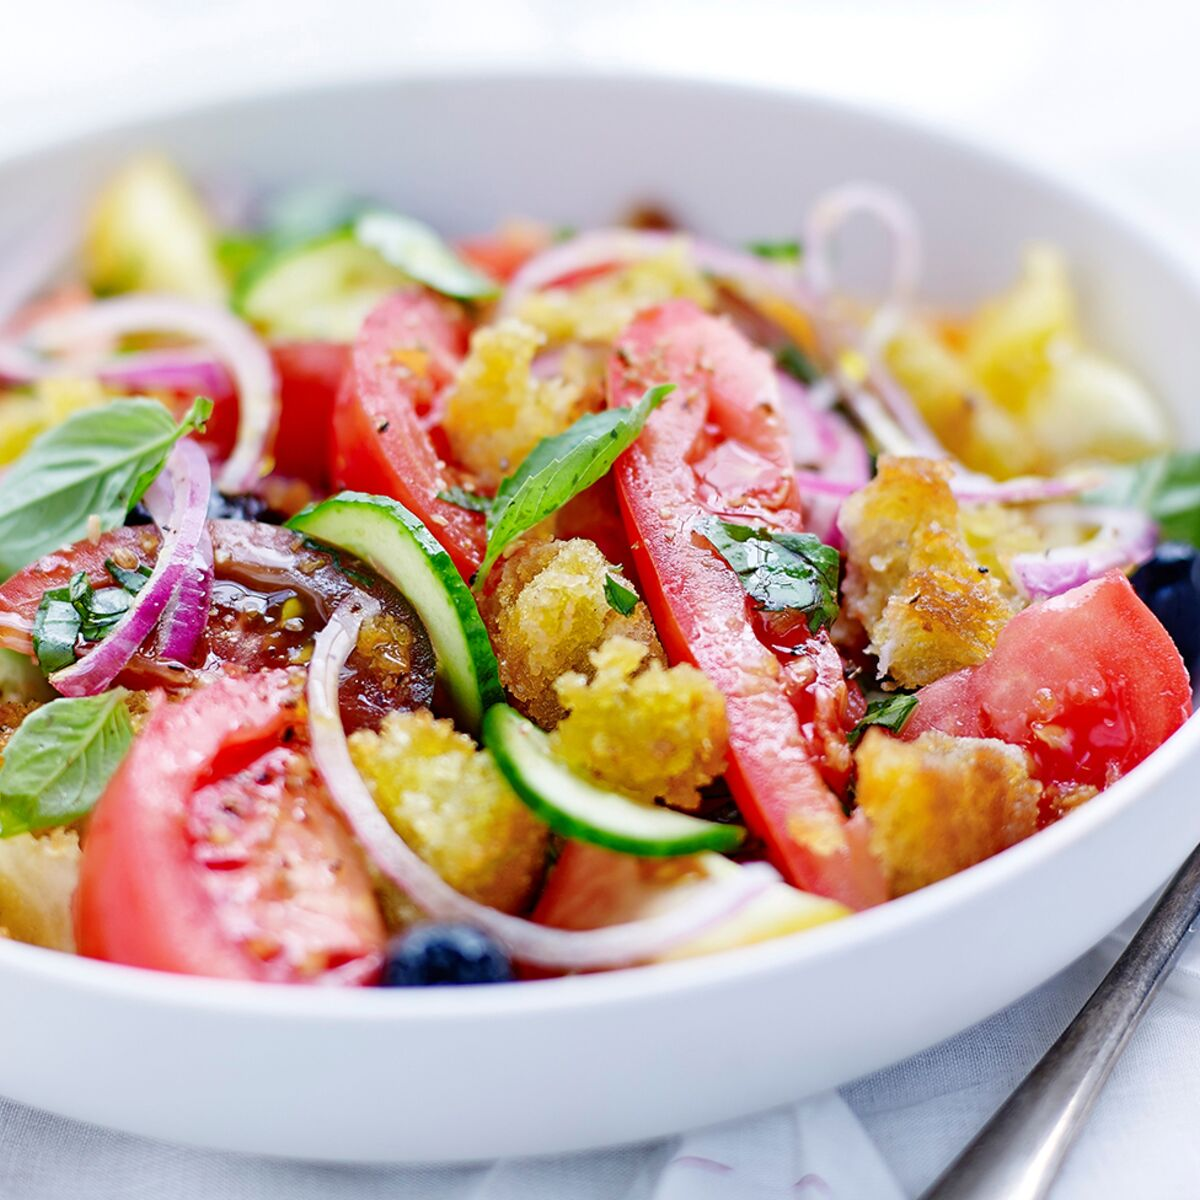 Idée De Repas Froid Repas froid : nos recettes préférées pour l'été : Femme Actuelle